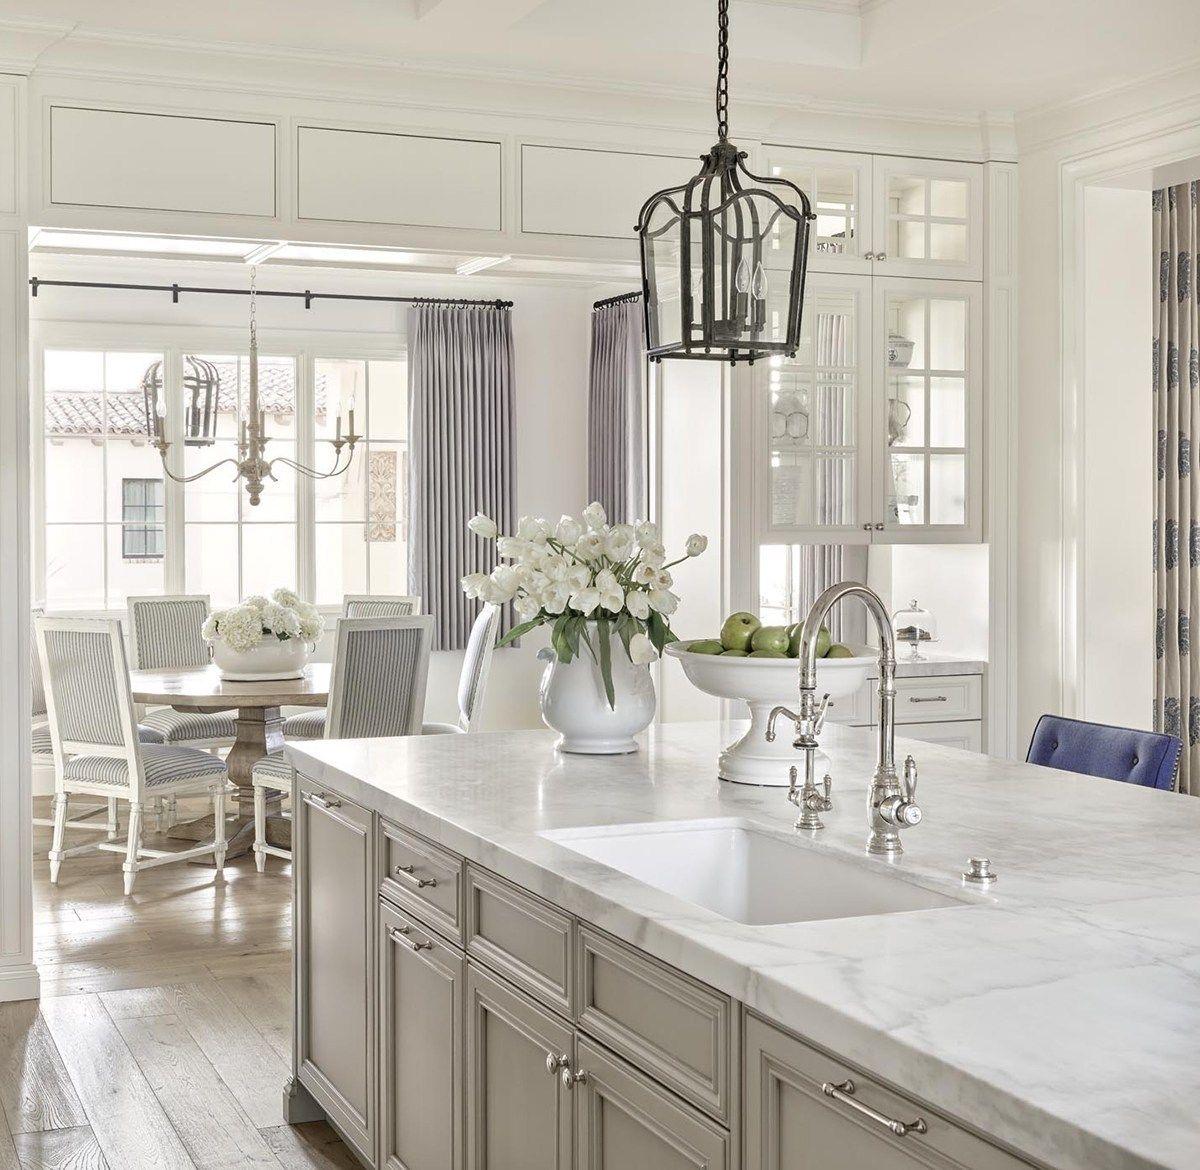 Traditional White Kitchen in 2020 Beige kitchen, Kitchen